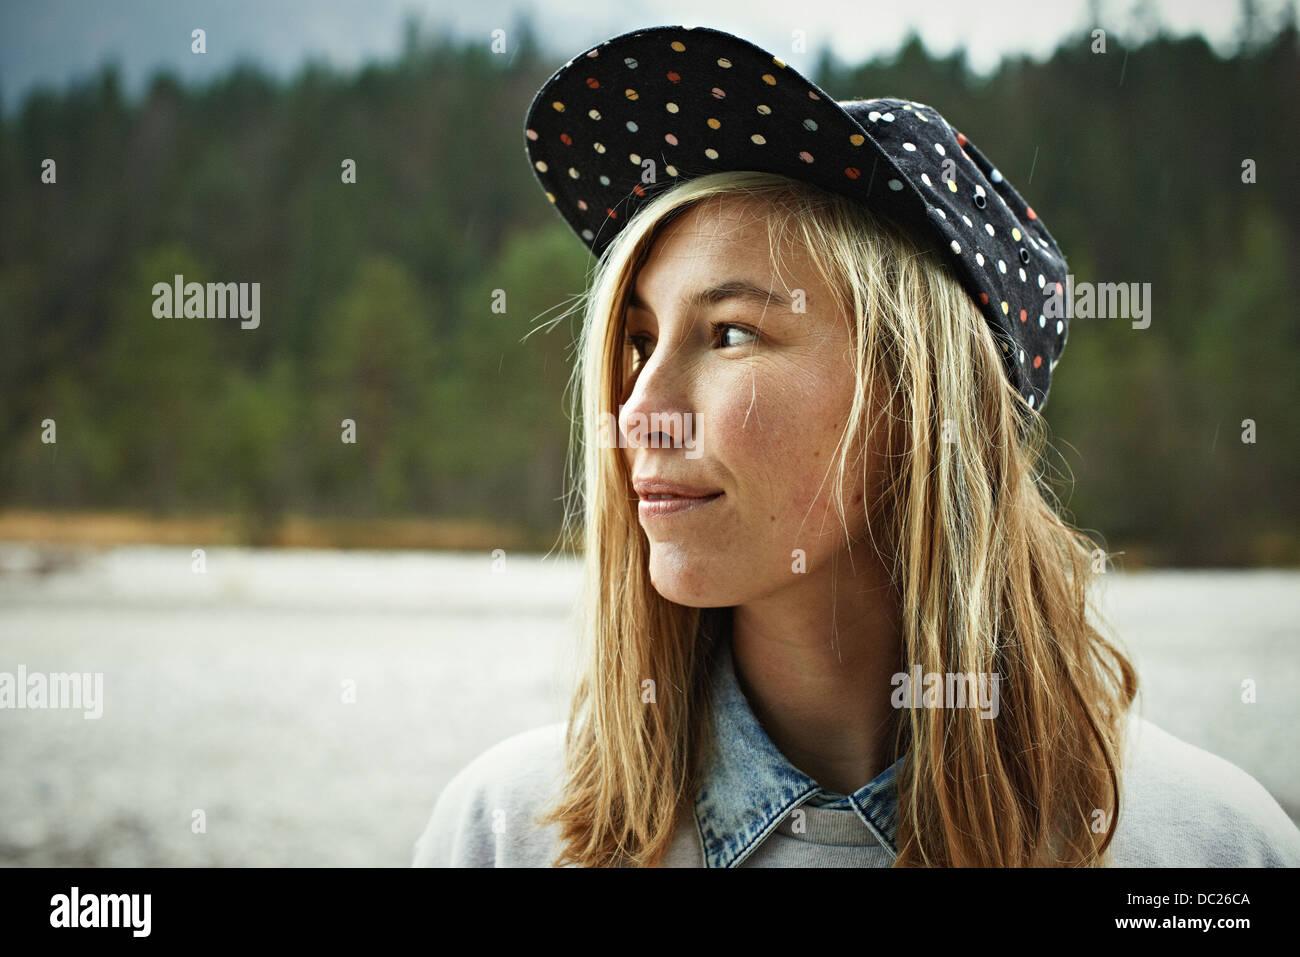 Portrait of woman wearing cap headwear - Stock Image